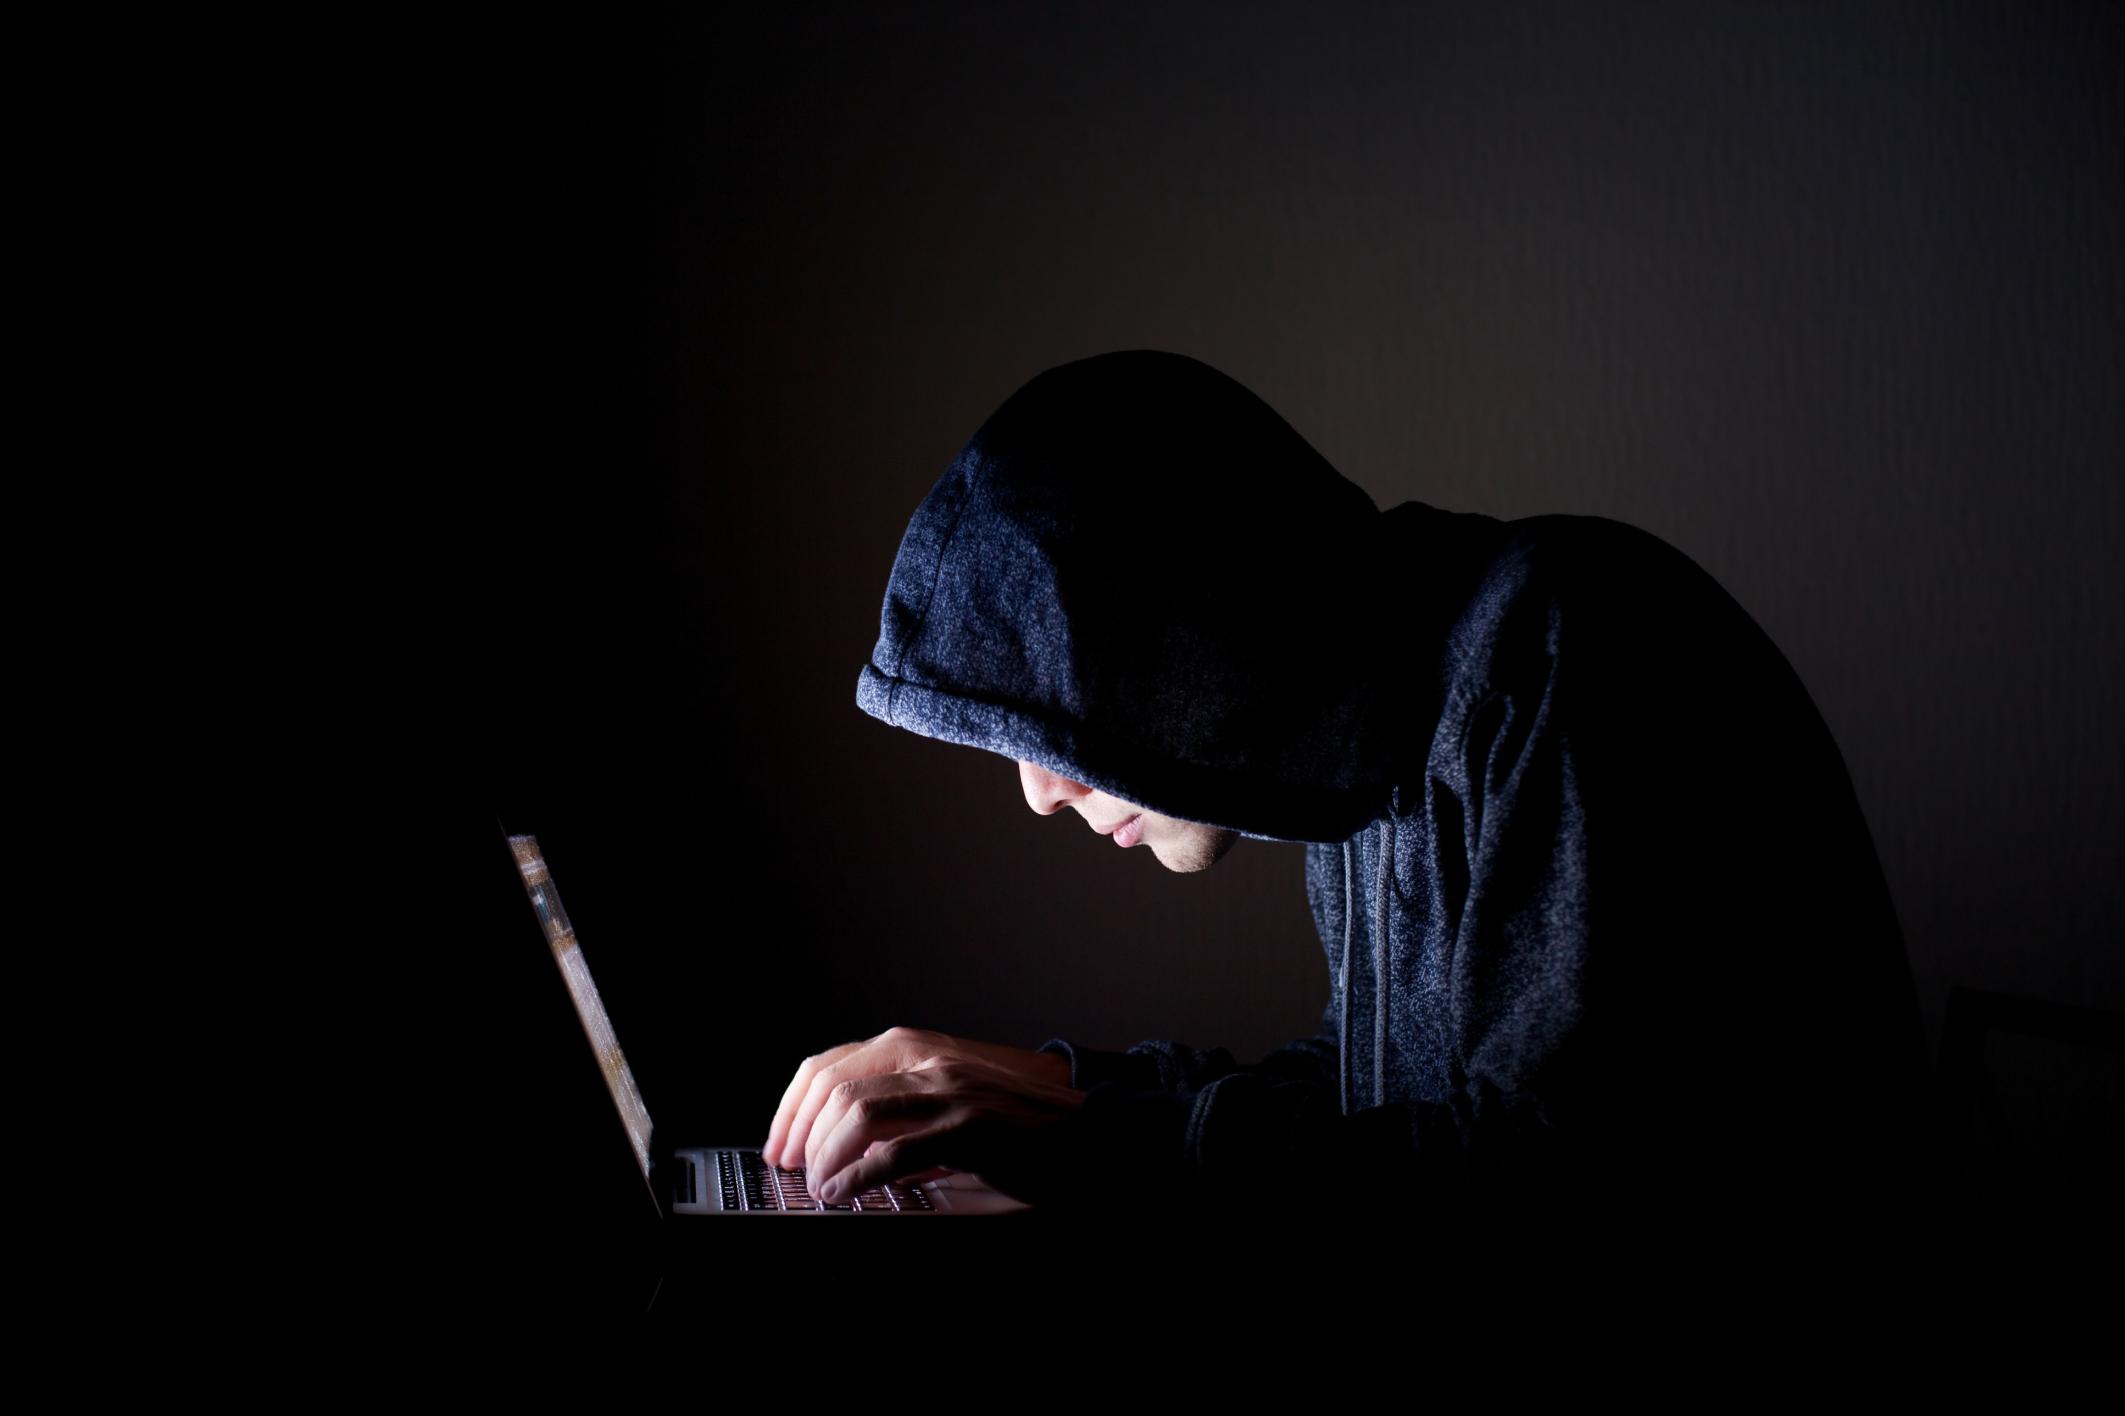 Hacker in hoodie on laptop